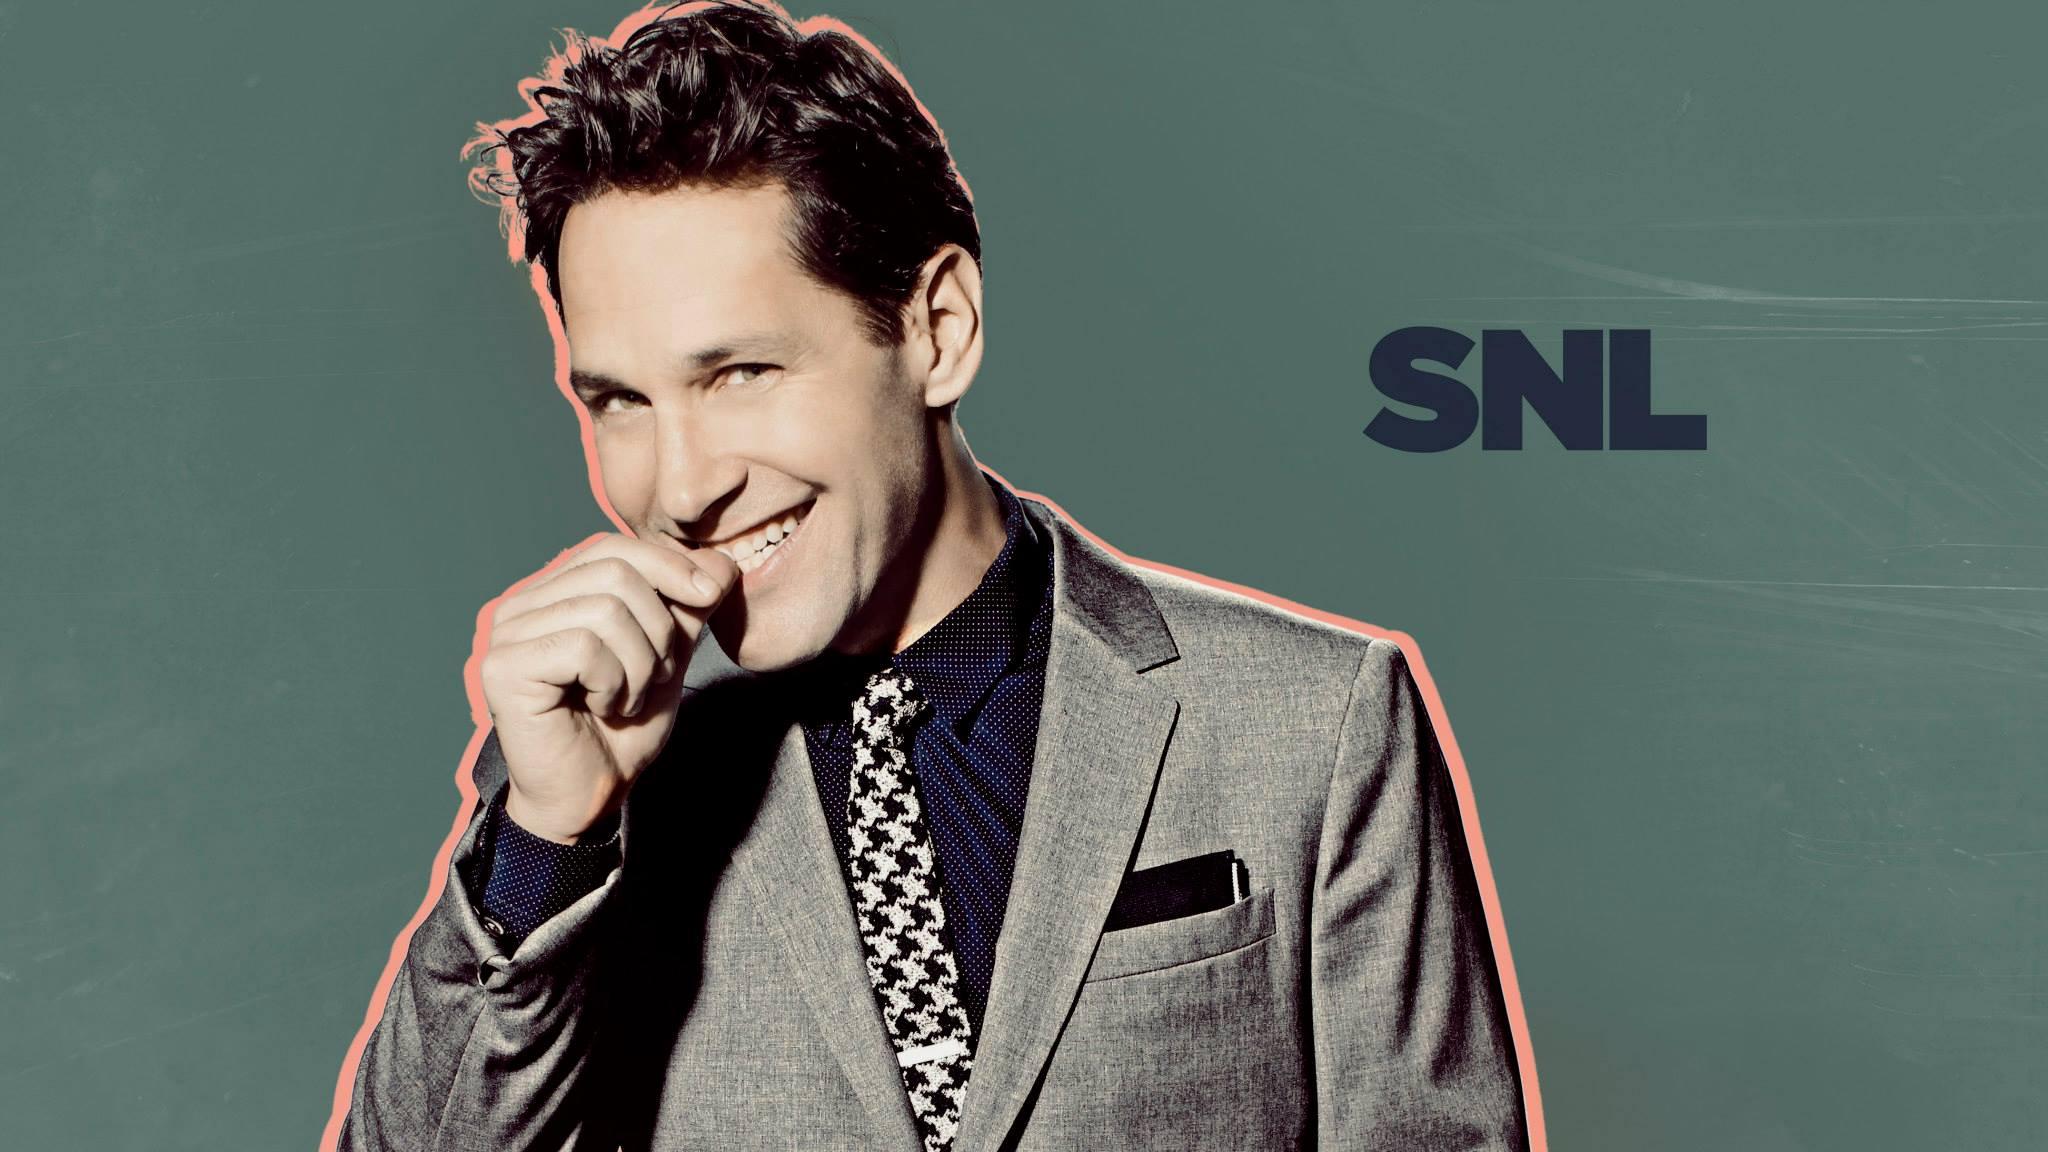 Saturday Night Live Wallpaper 14   2048 X 1152 stmednet 2048x1152